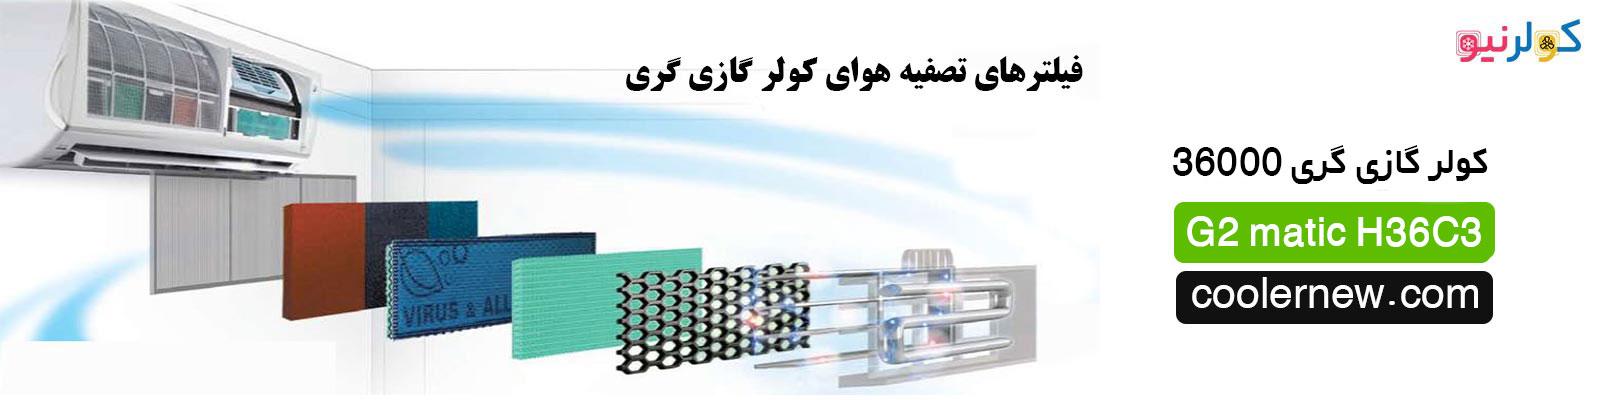 فیلتر کولر گازی گری 36 هزار